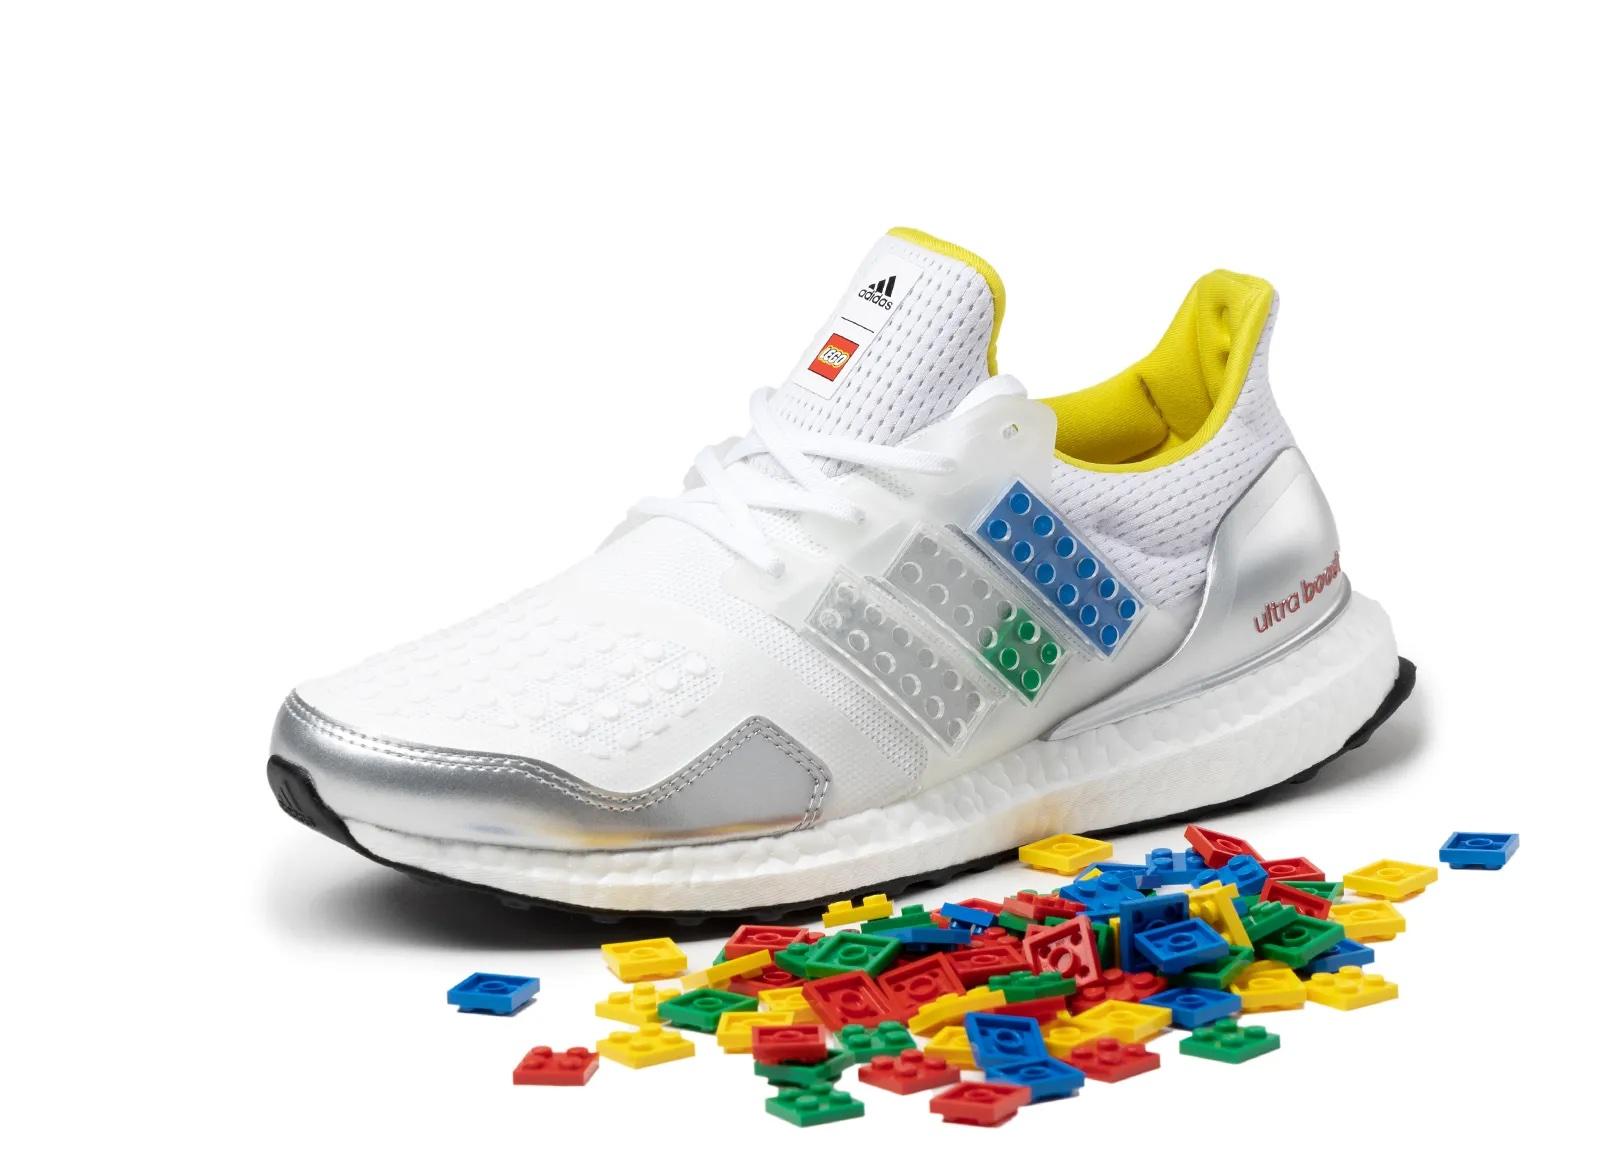 LEGO adidas UltraBOOST 4.0 Shock Blue FY7690 | SneakerNews.com